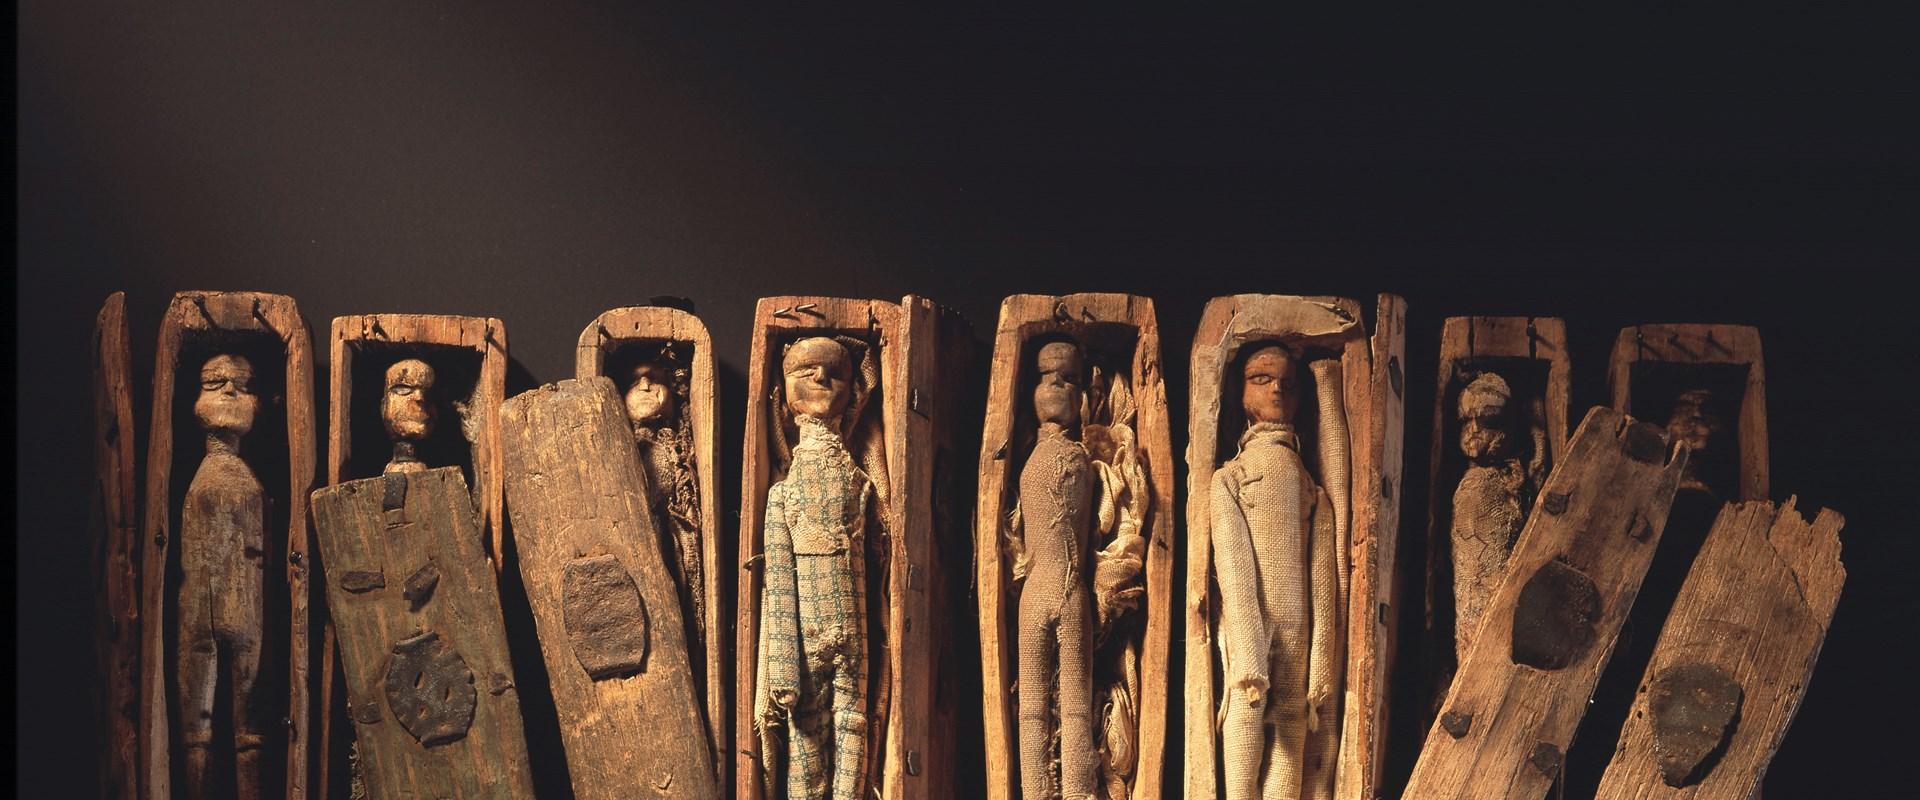 ۱۰۰ سال پس از مرگ چه بلایی سر جسد انسان میآید؟